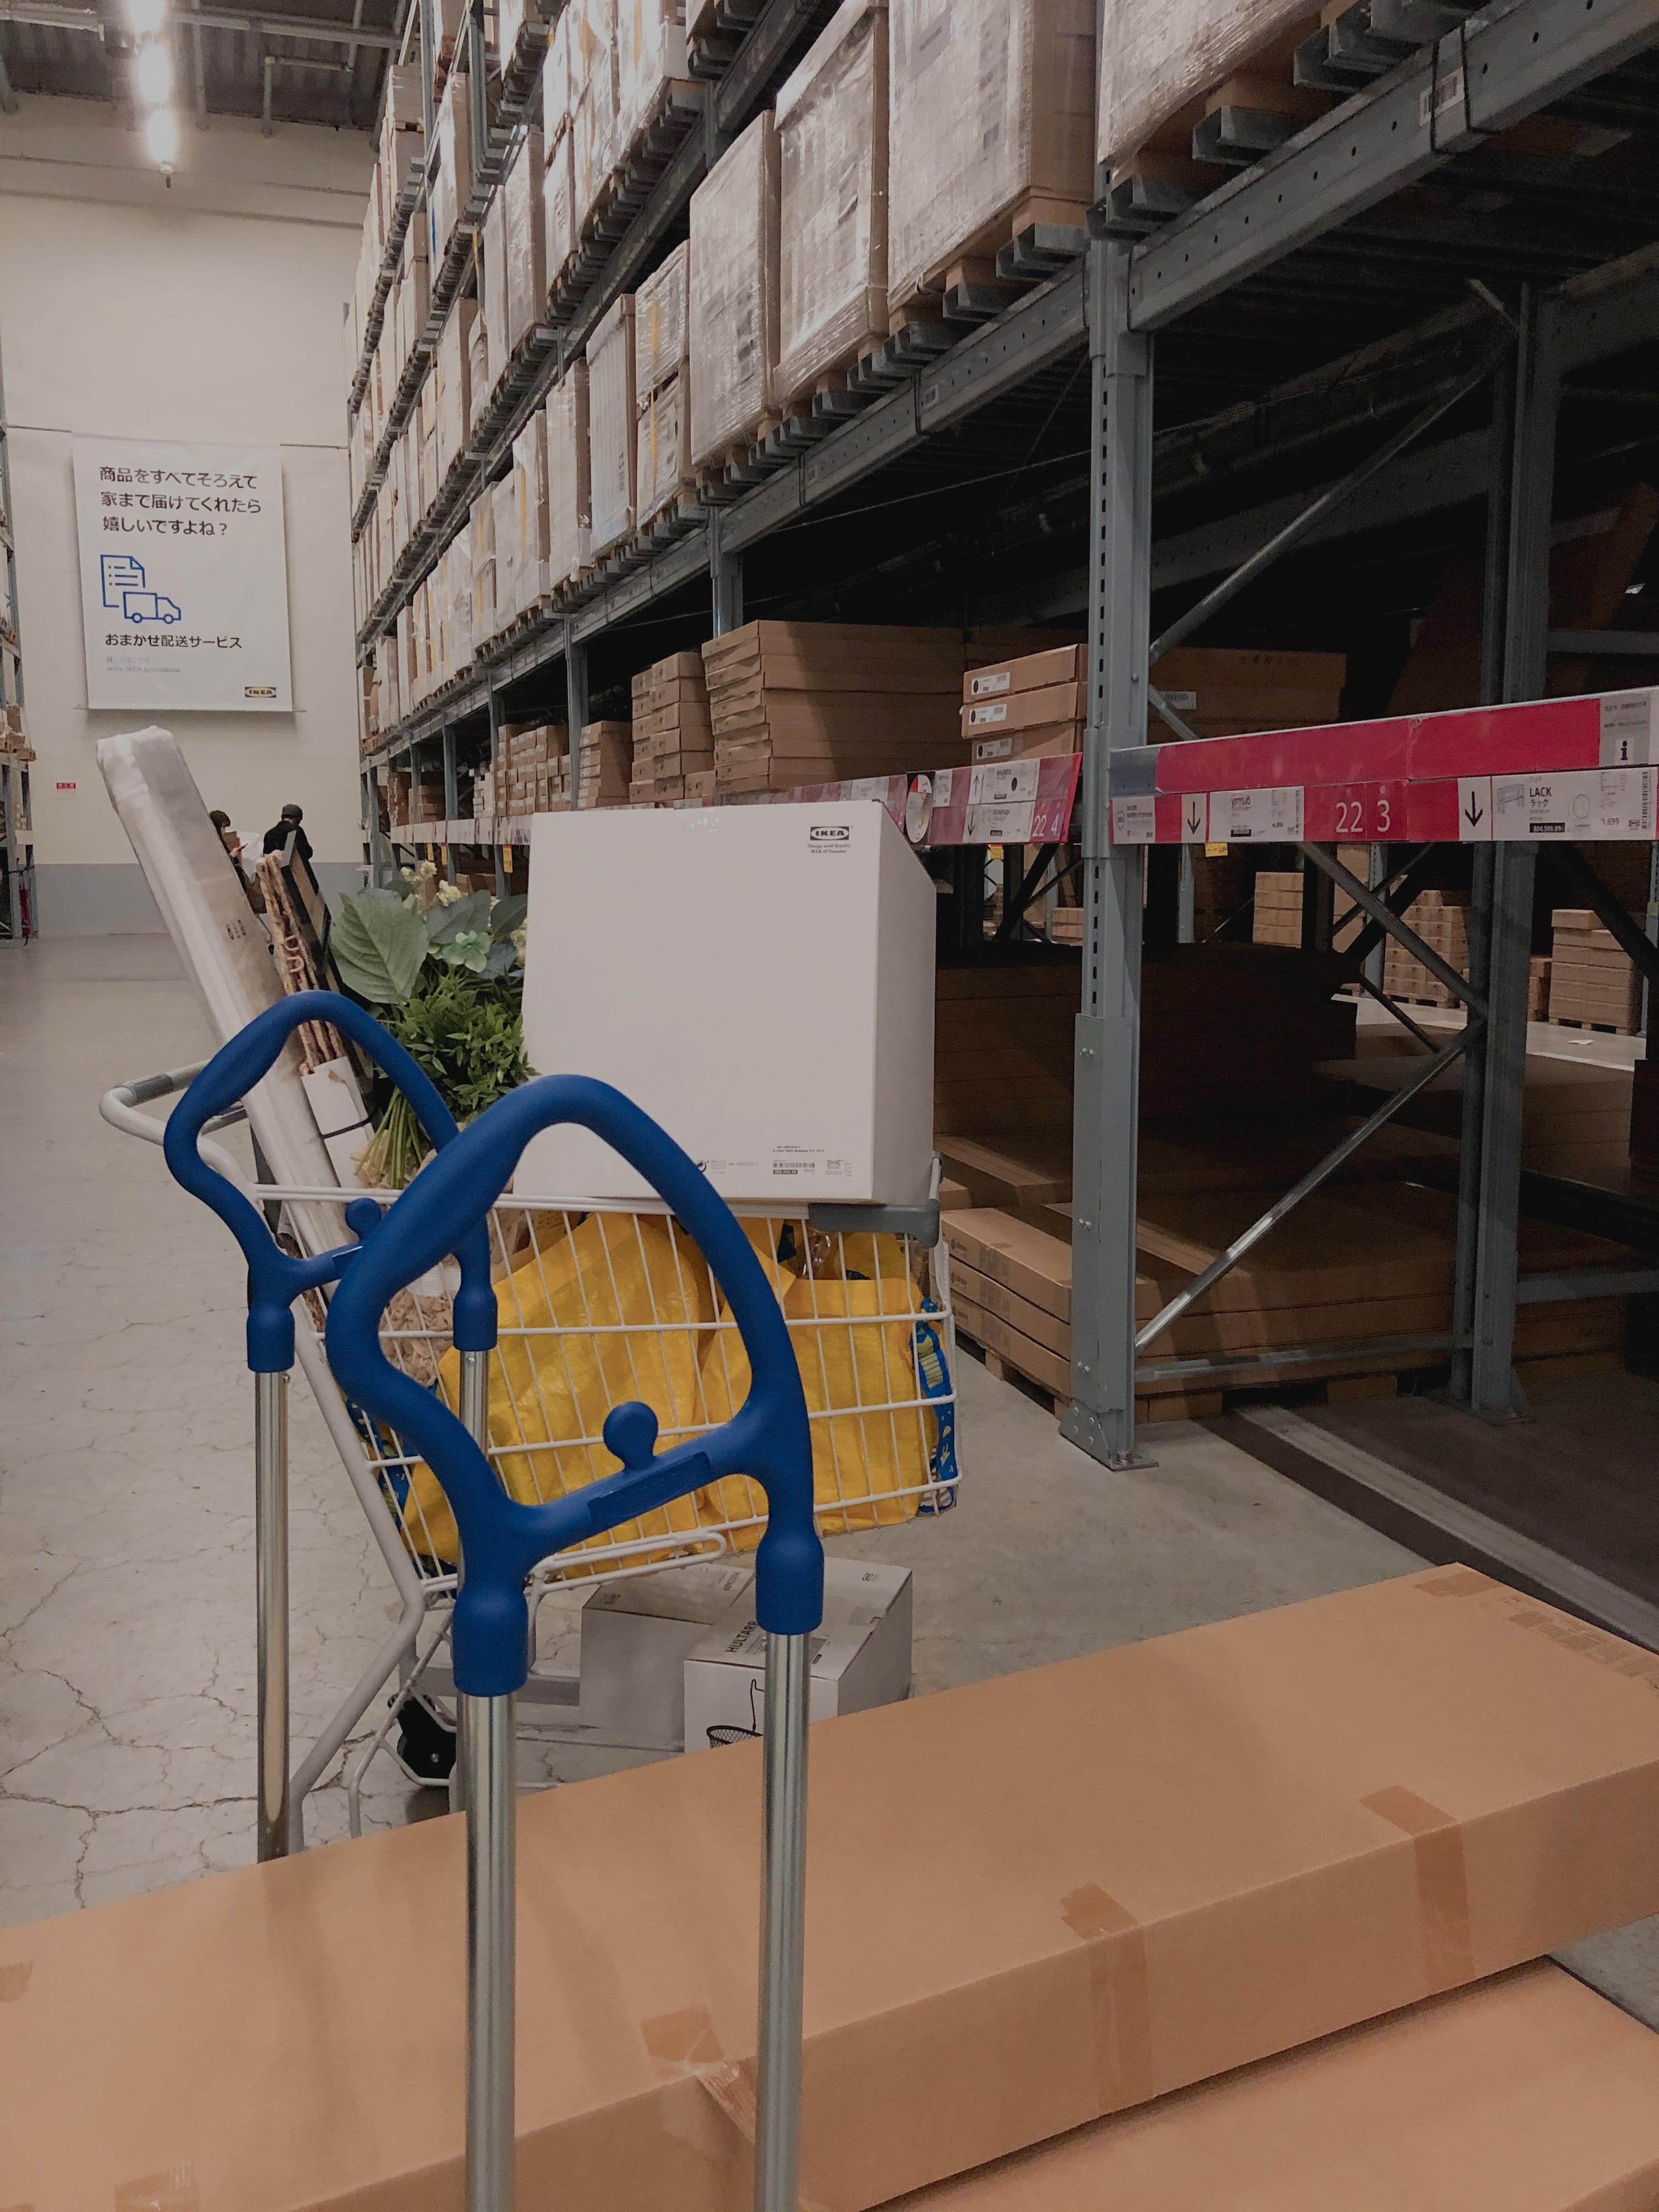 【おすすめいちごスイーツ】「IKEA」のストロベリーフェアを堪能しながらの爆買い_2